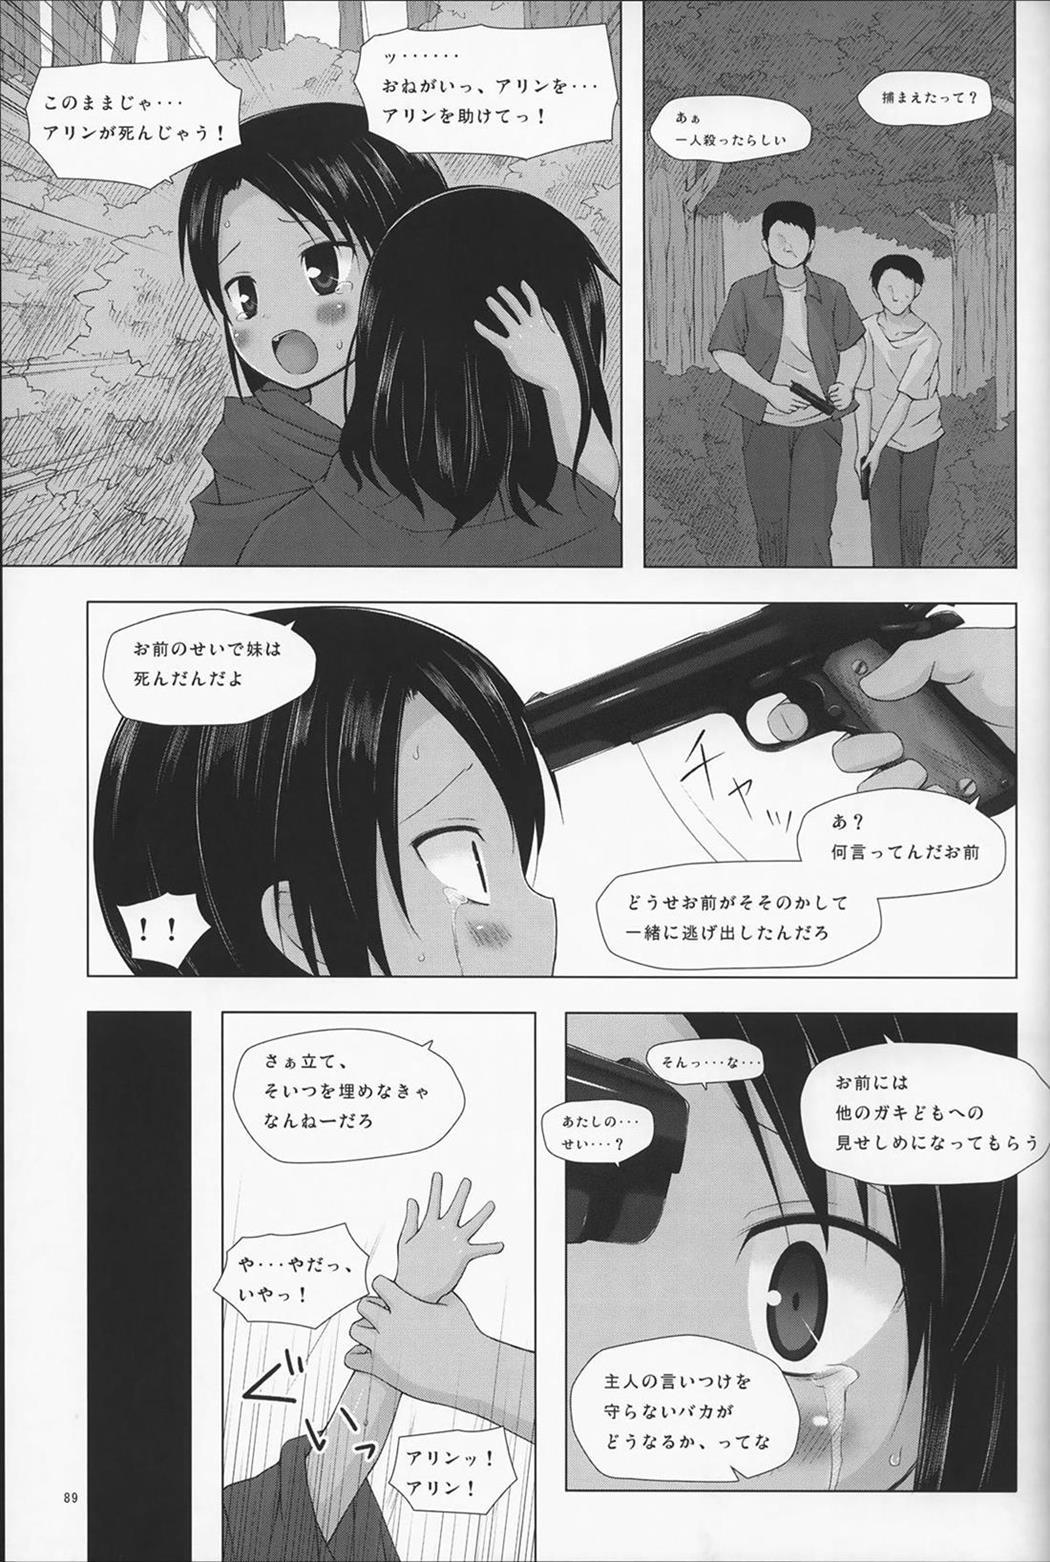 【エロ漫画・エロ同人誌】異国で父親に売られて売春する羽目になったロリ少女wひたすらお客とエッチしてる毎日を送ってたら日本人の男に助けられ日本に来てもセックス依存がぬけてないwww (89)